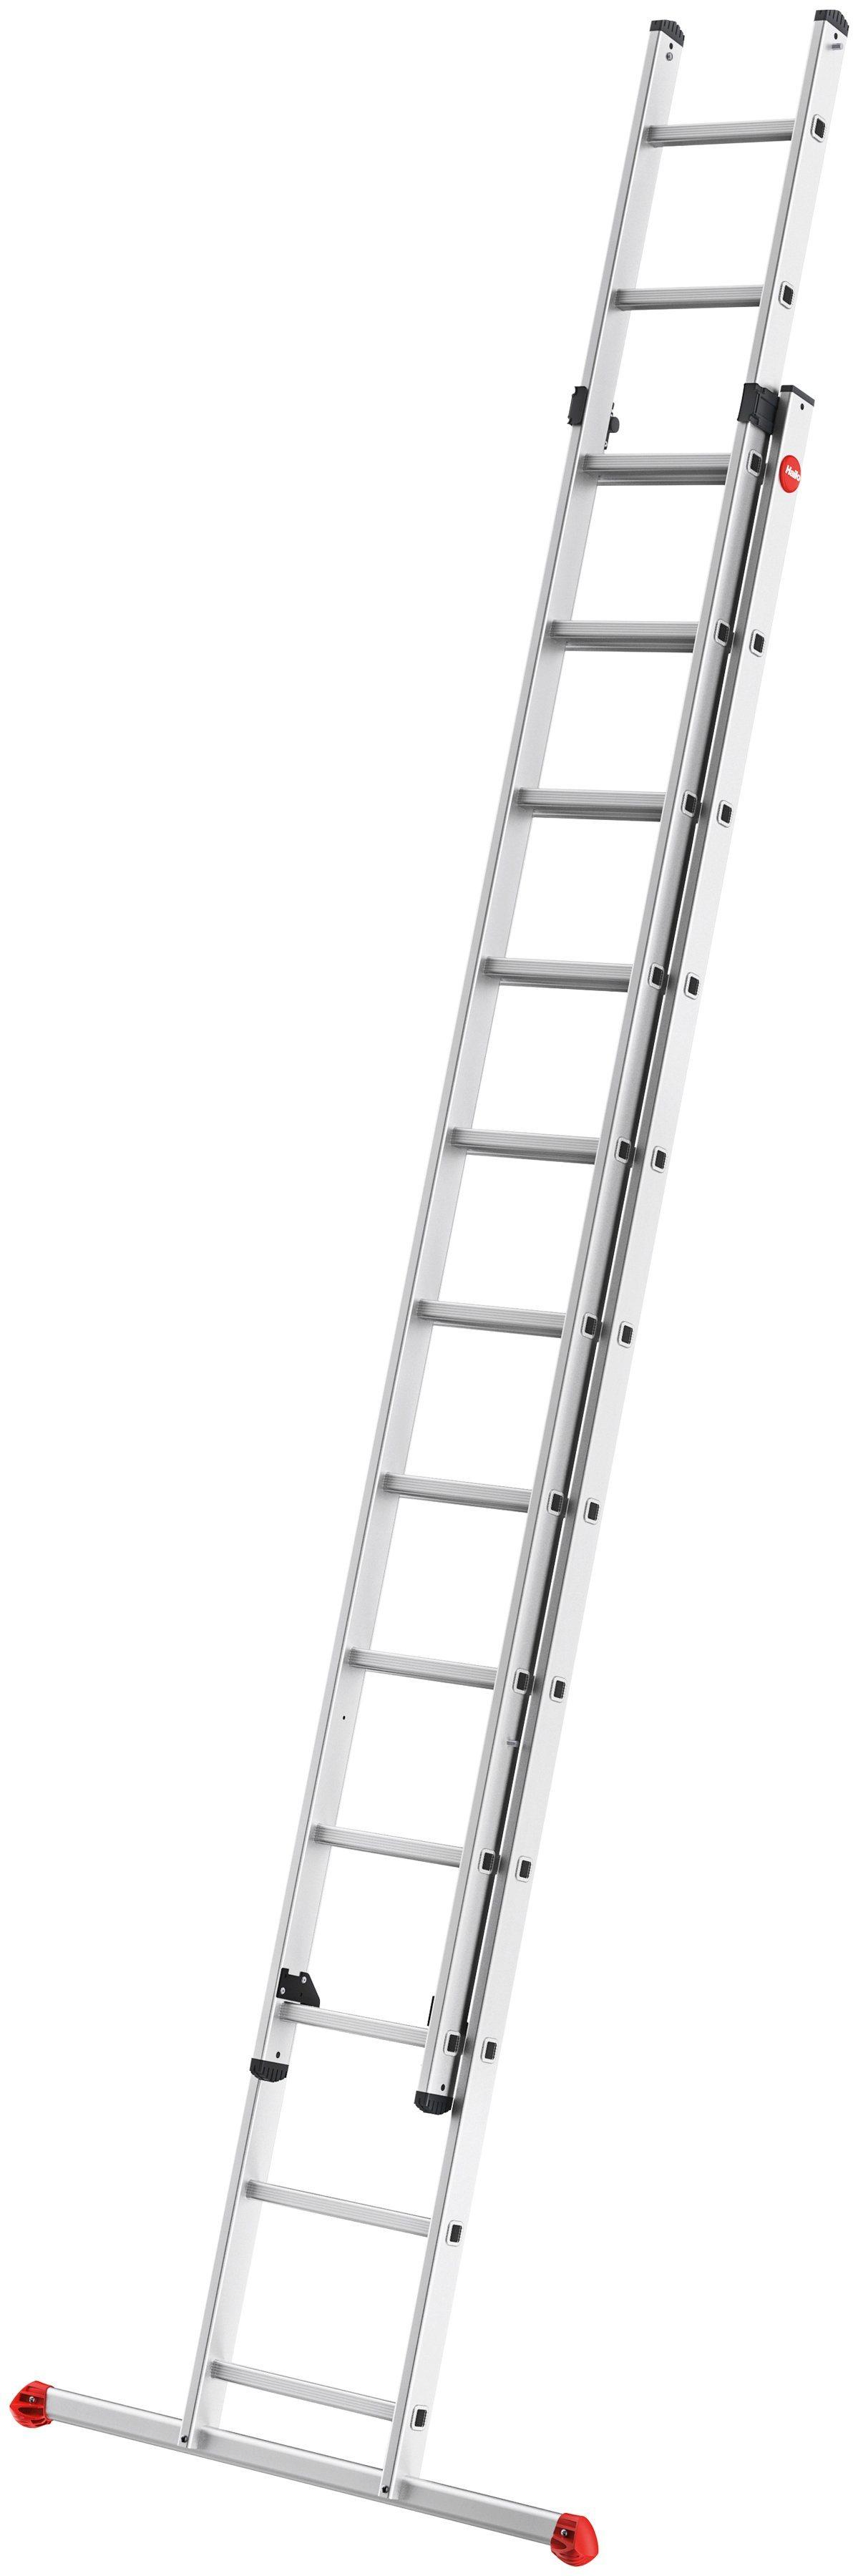 HAILO Leiter »ProfiStep«, 2-teilige Alu-Schiebeleiter | Baumarkt > Leitern und Treppen > Schiebeleiter | Hailo